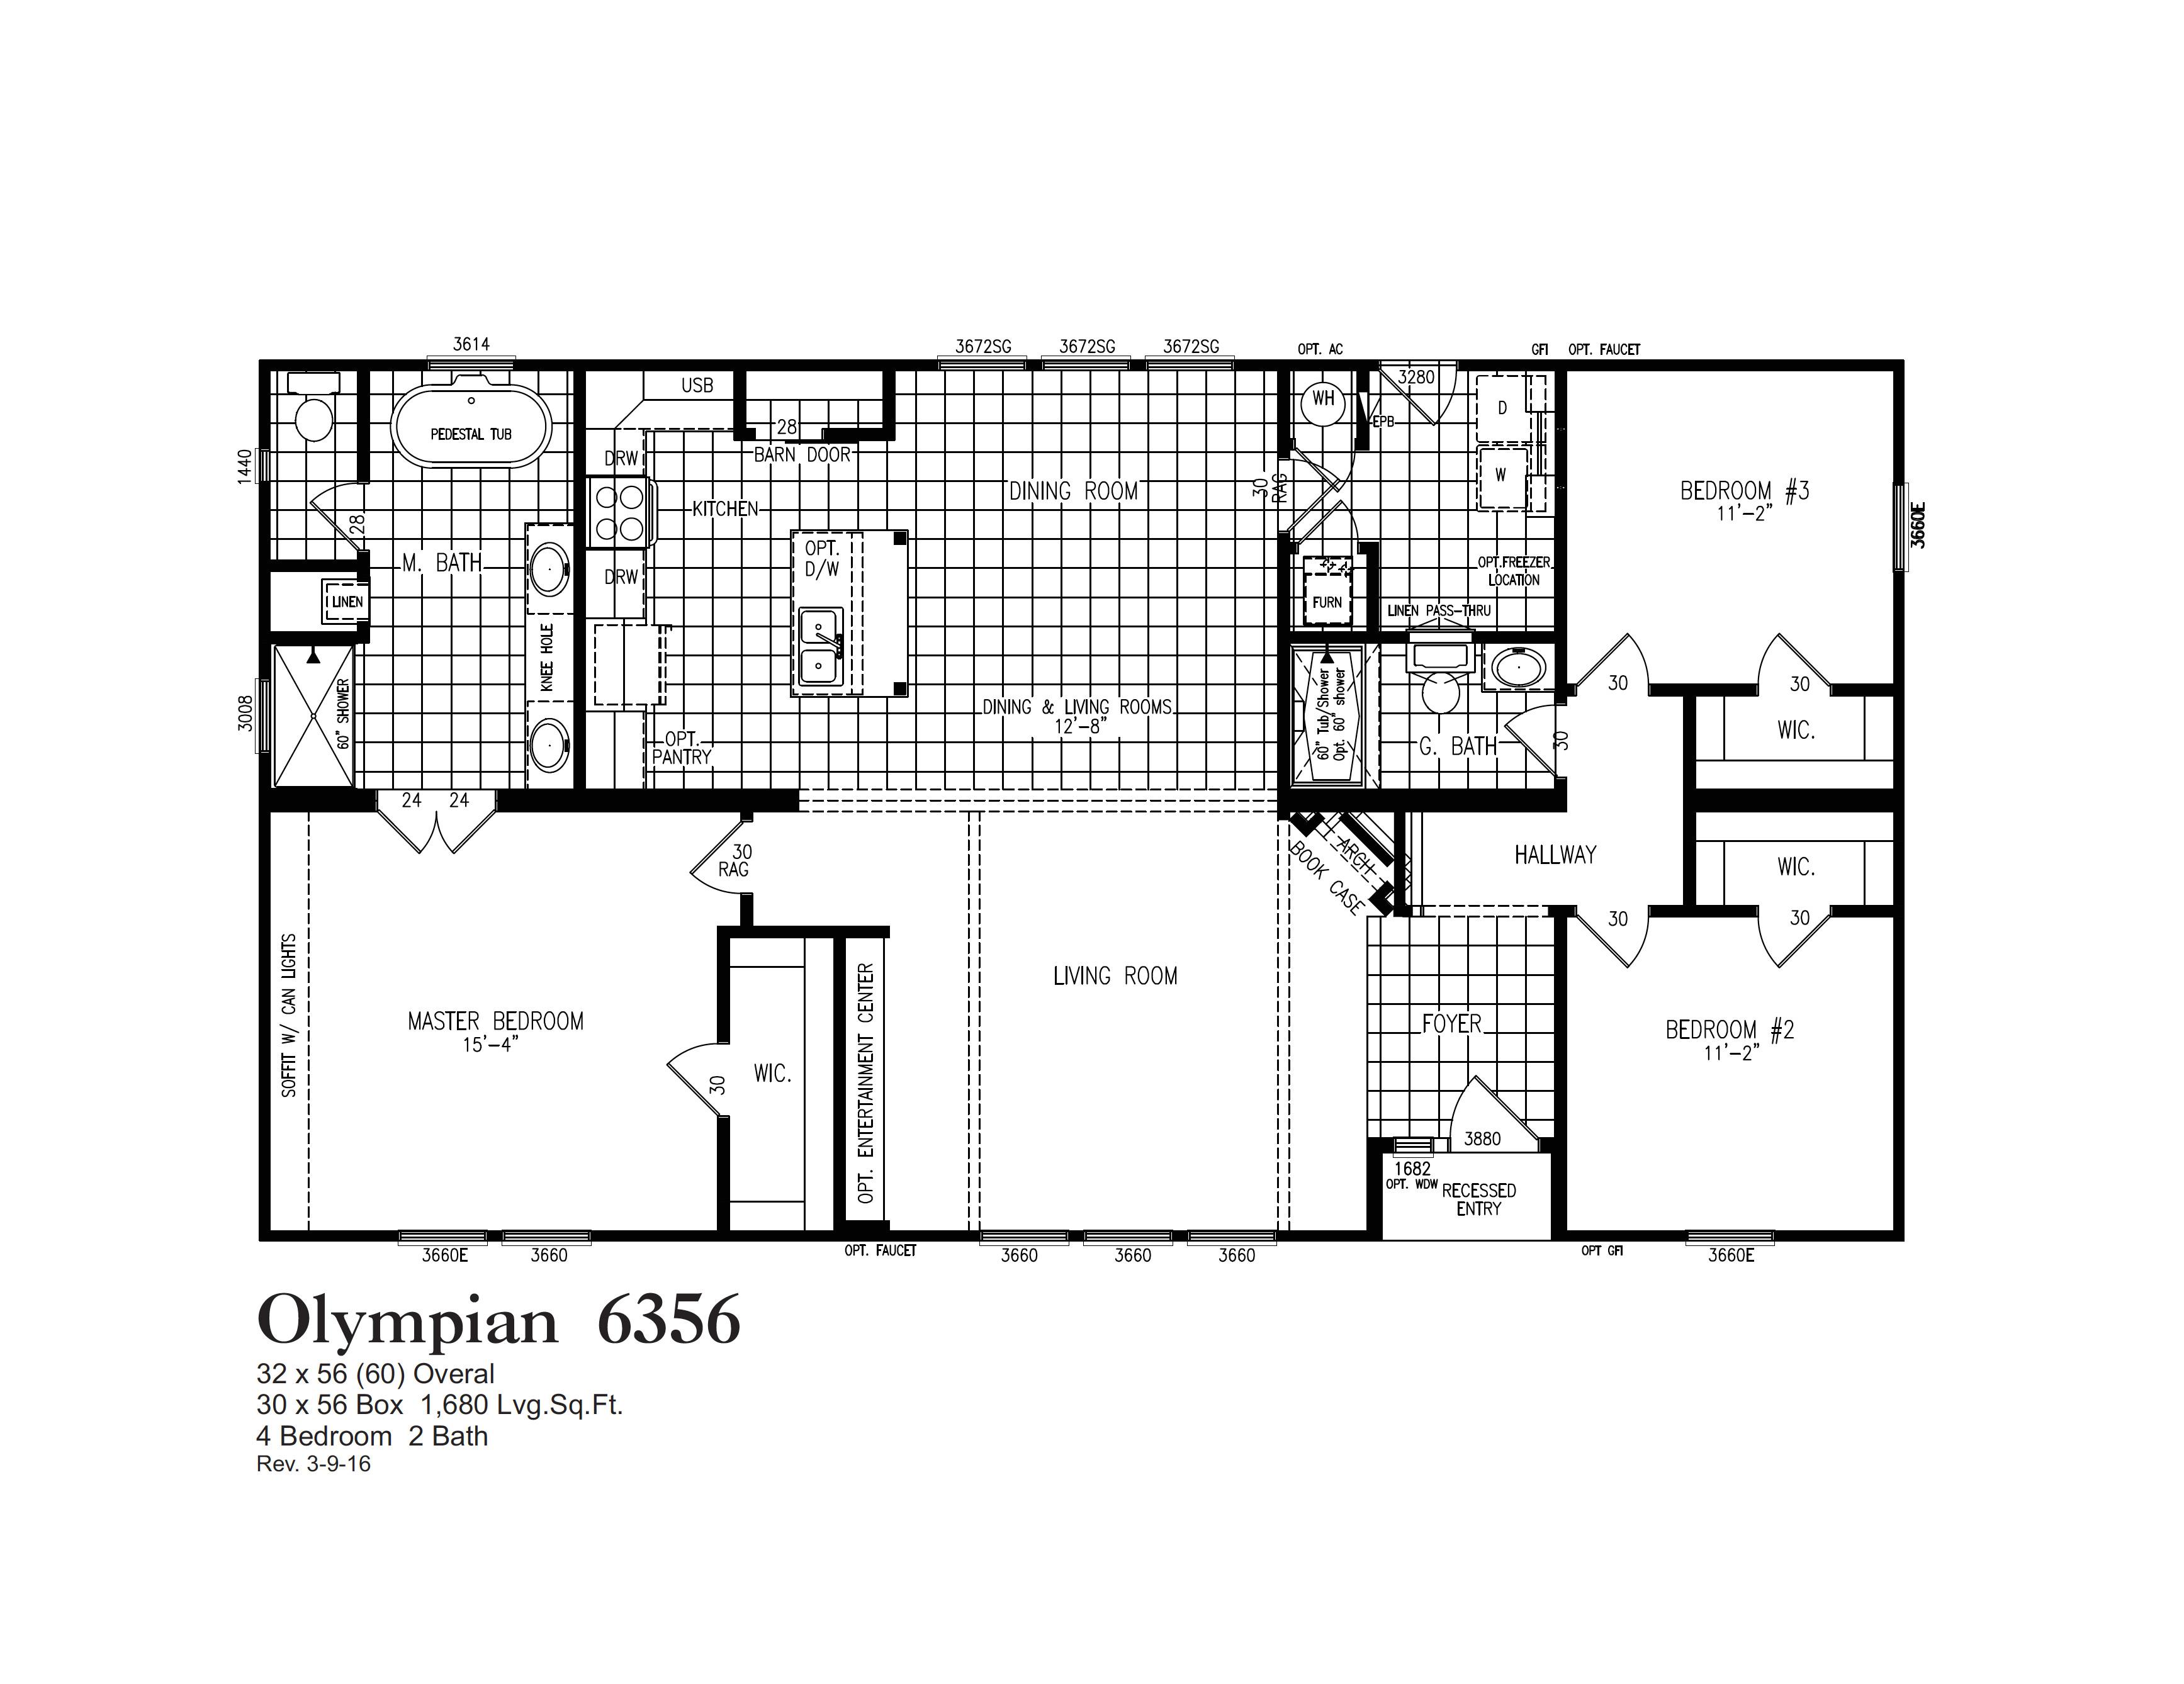 olympian 6356